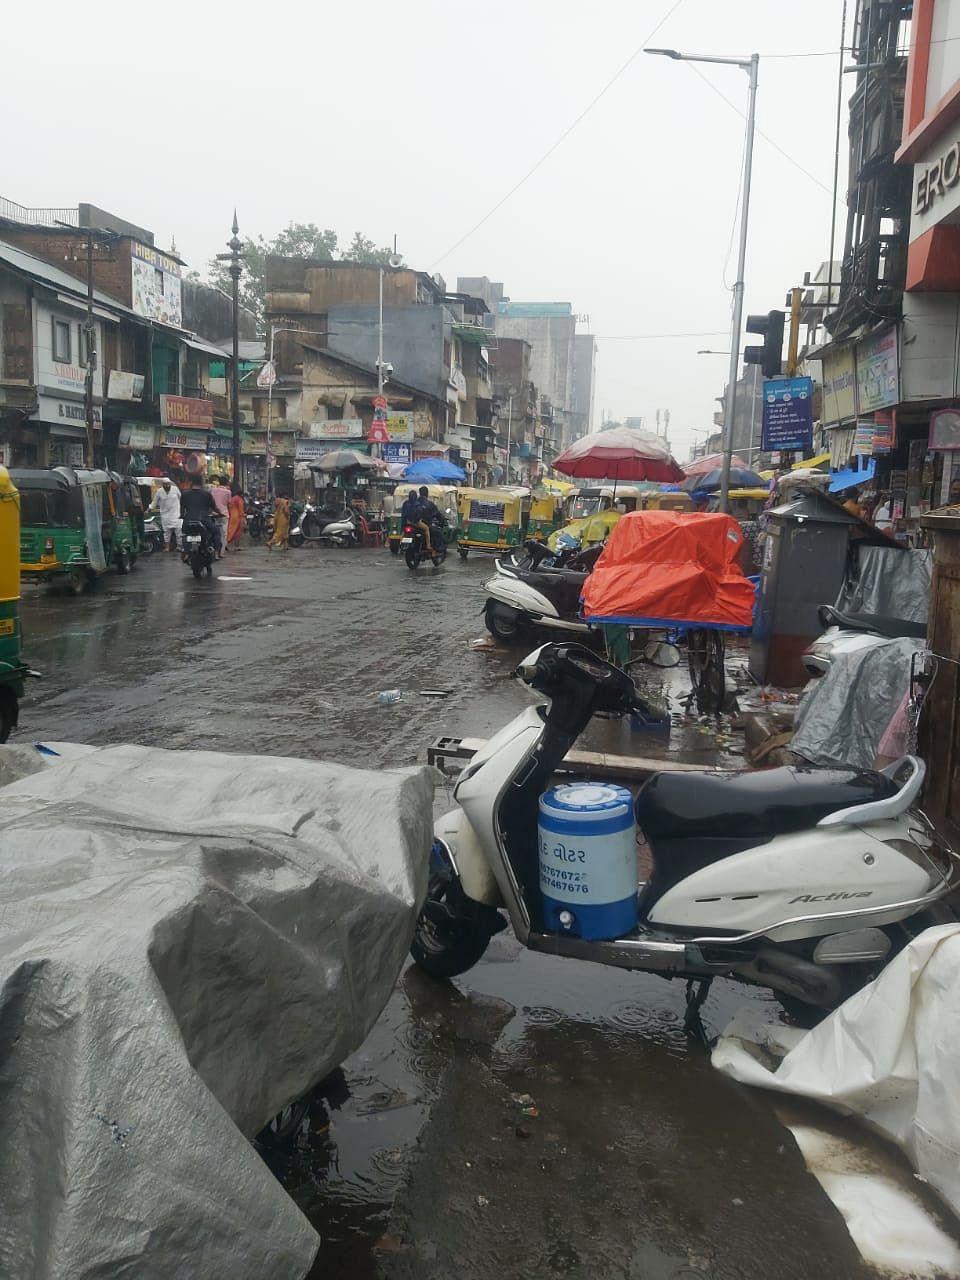 Bustling market in Ahmedabad.